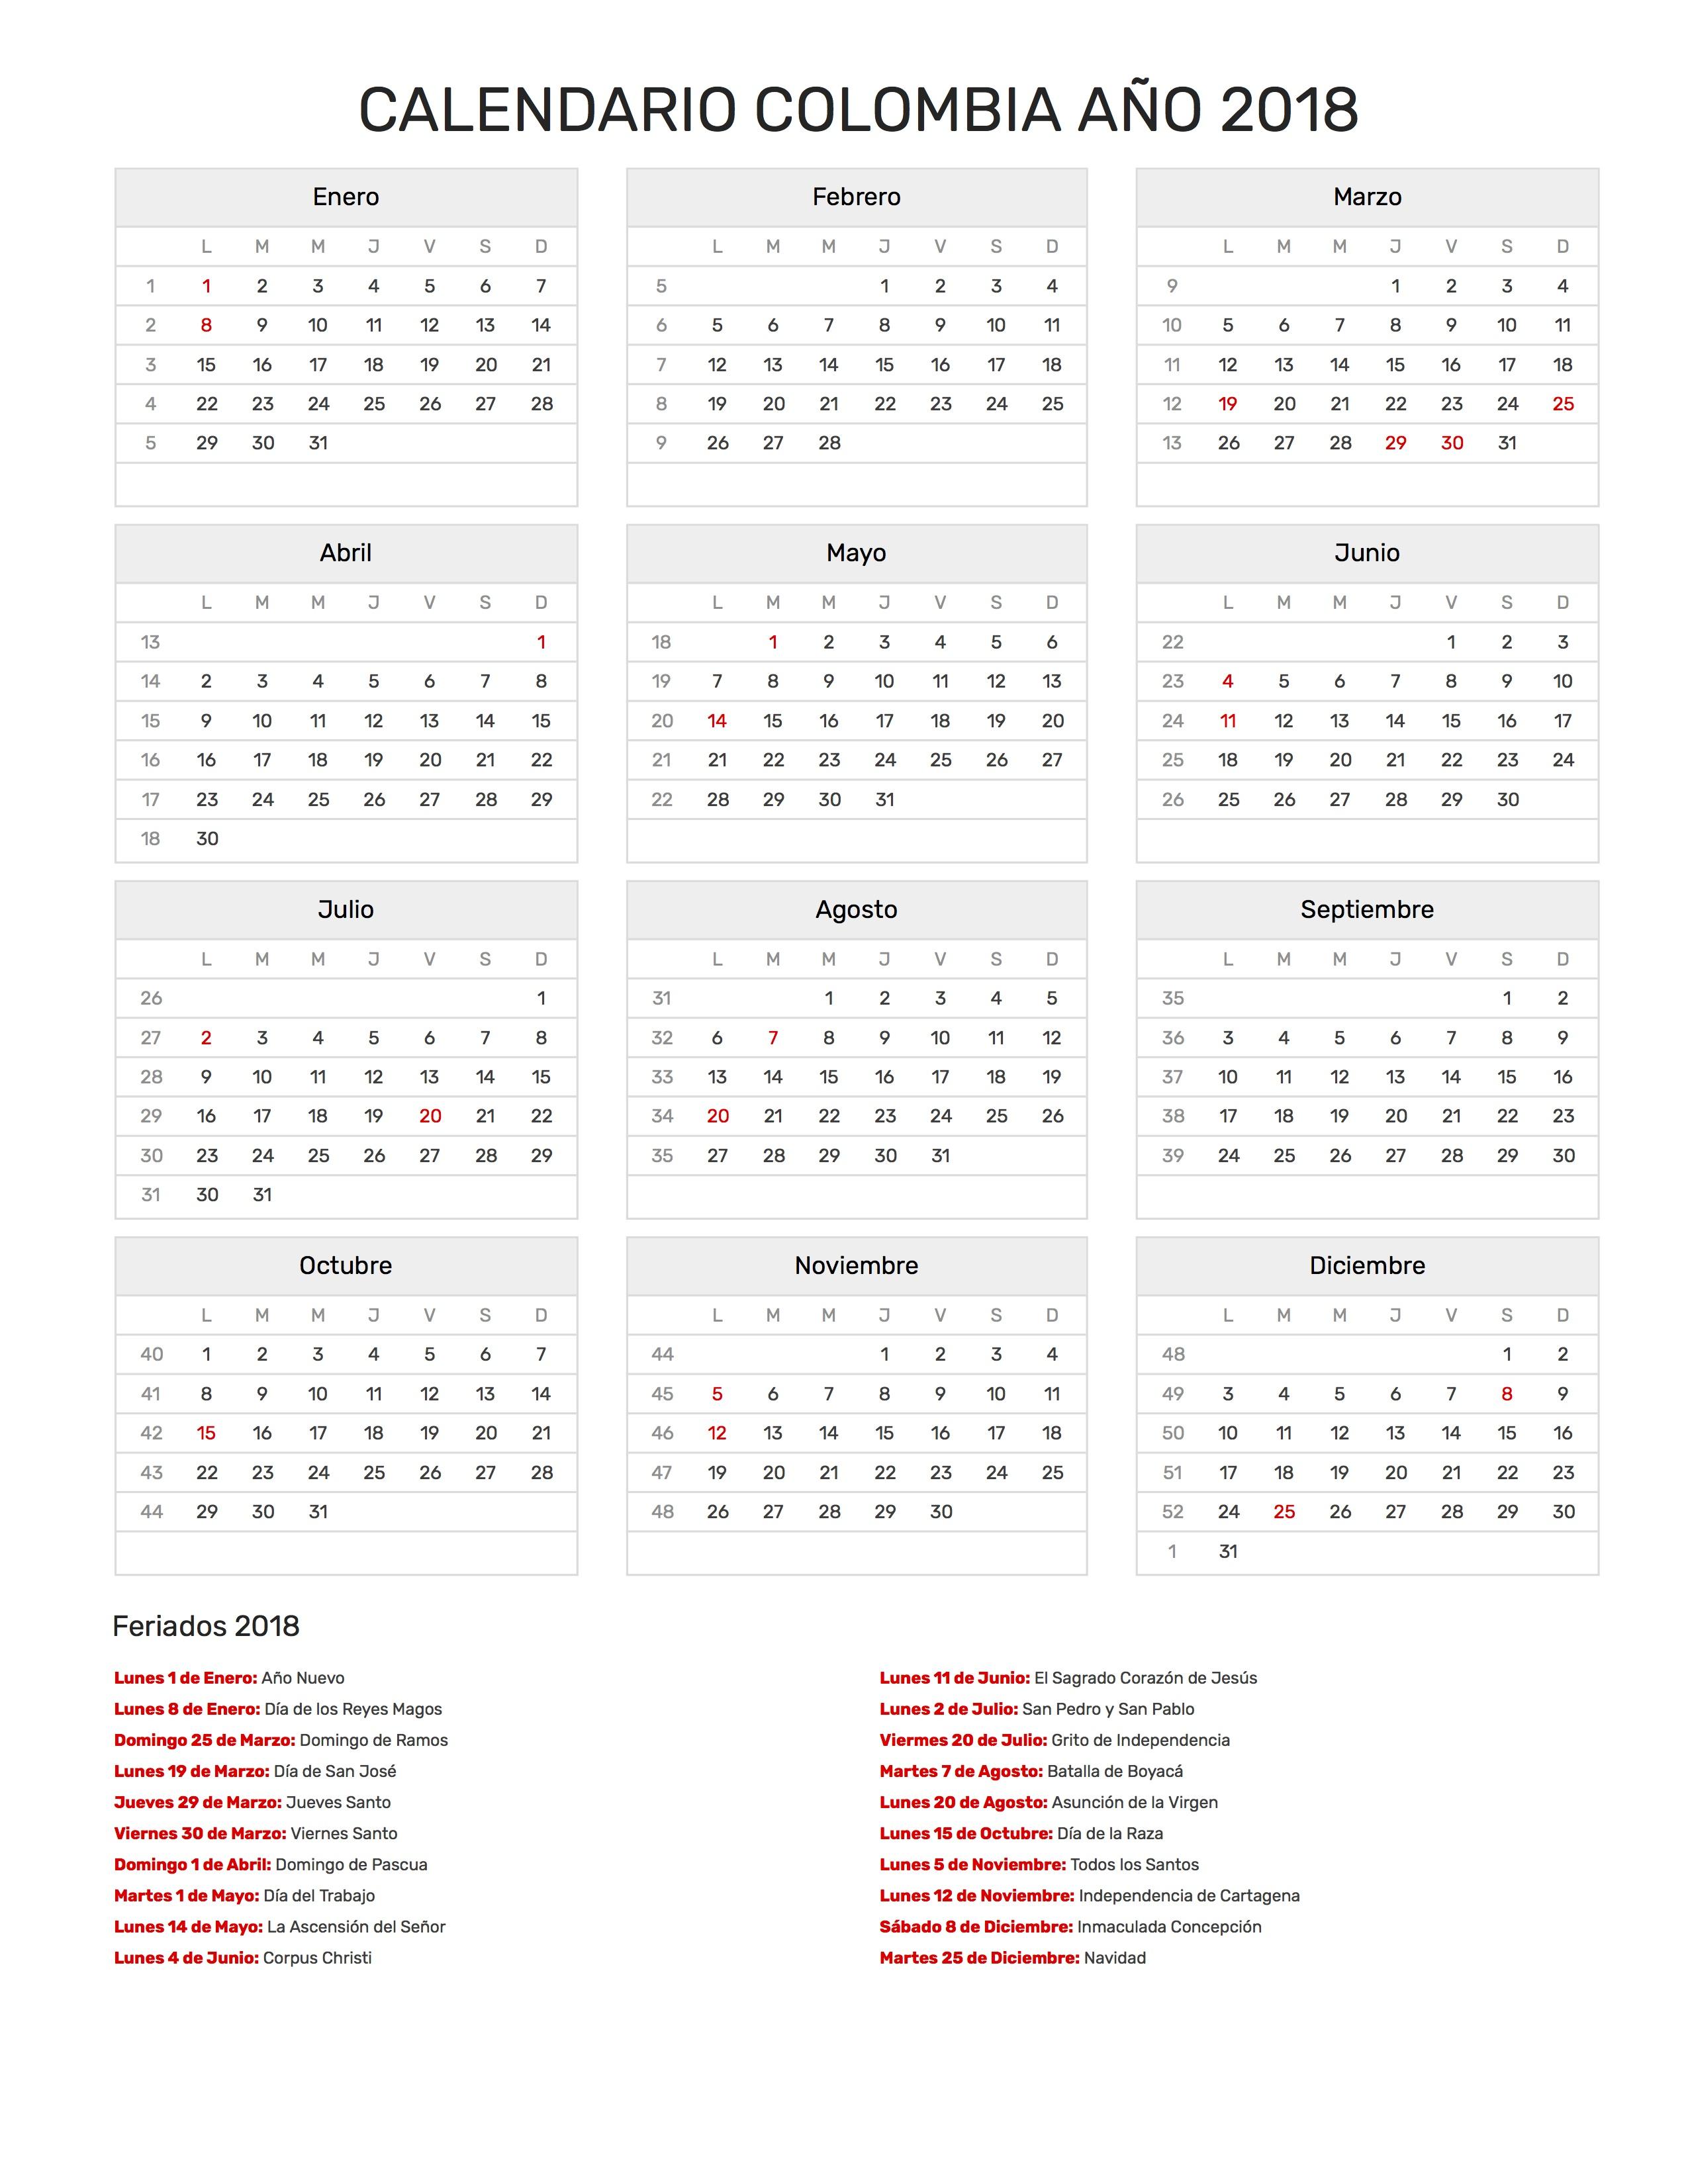 Calendario Colombiano.Calendario De Colombia Ano 2018 Feriados